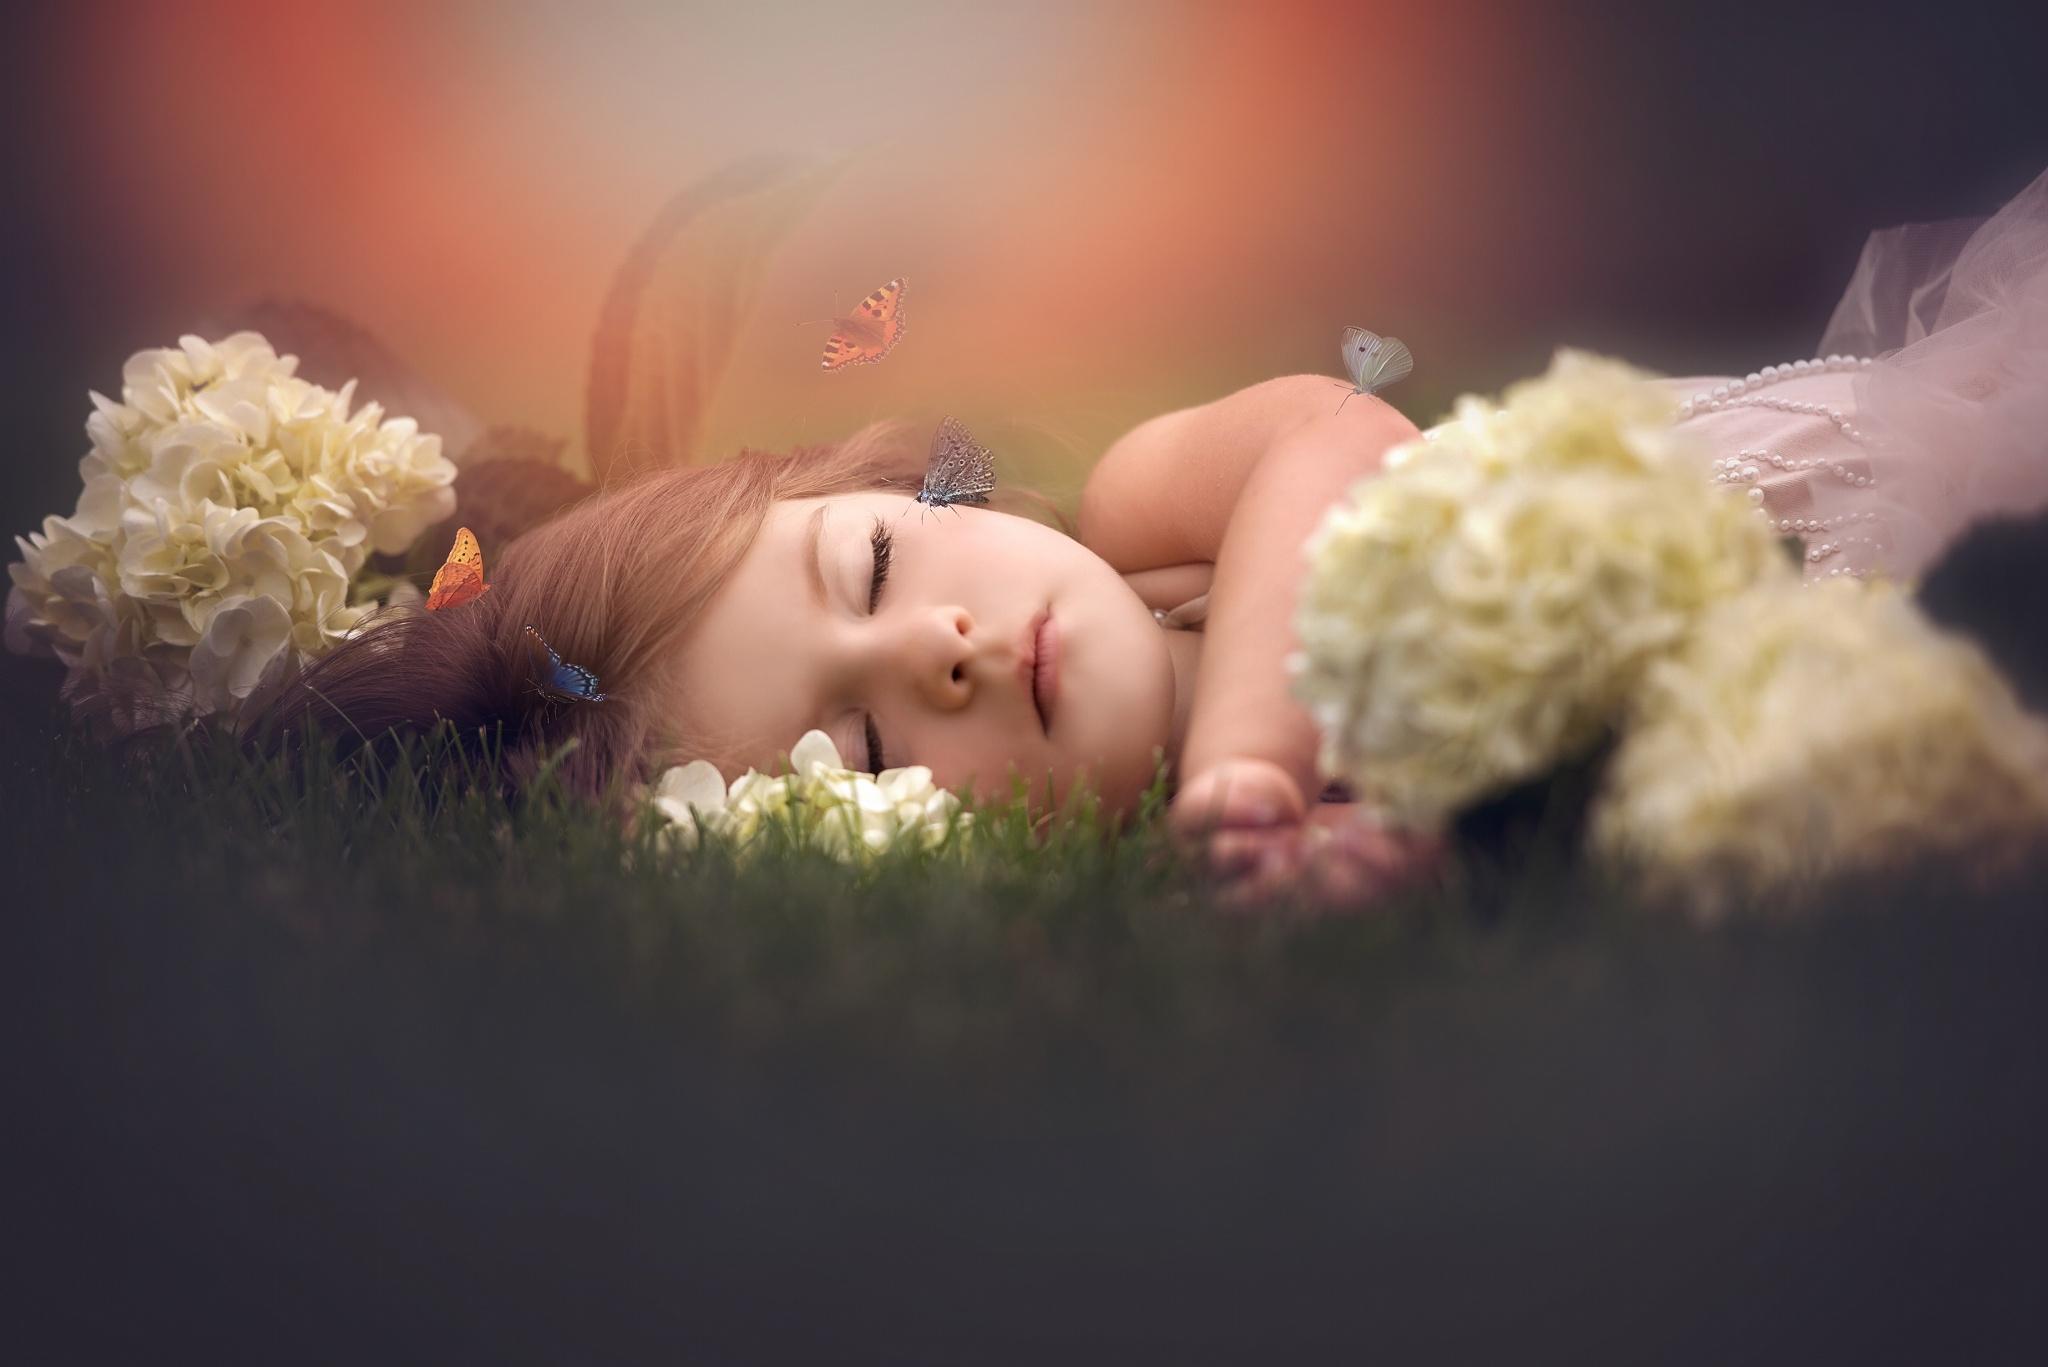 песенки перед сном для детей слушать